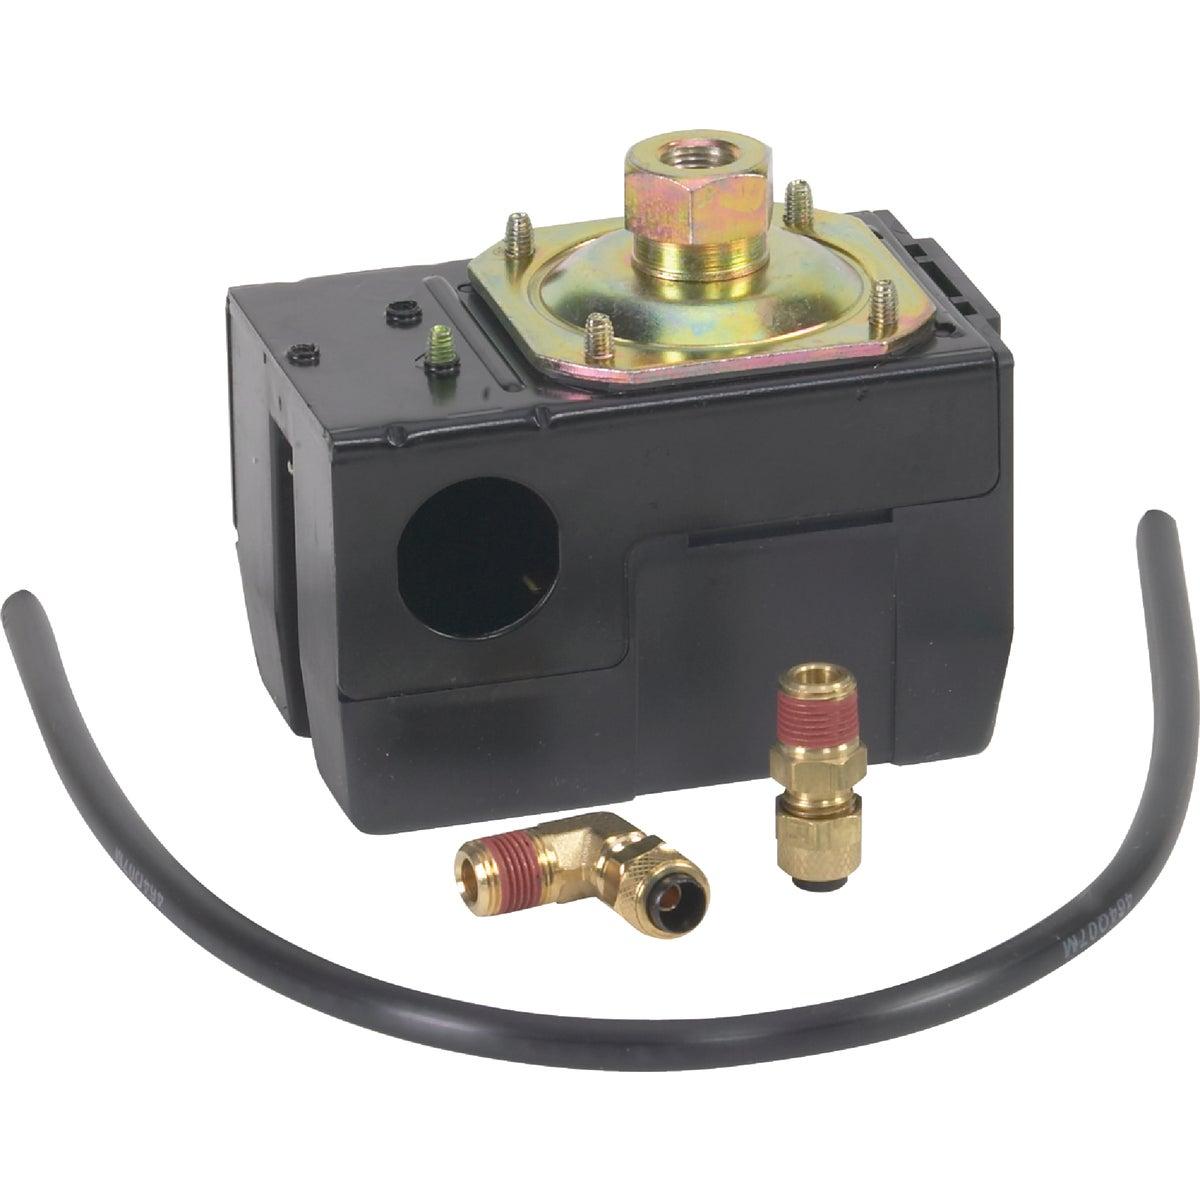 Wayne 66025-WYN1 Jet Pump Switches